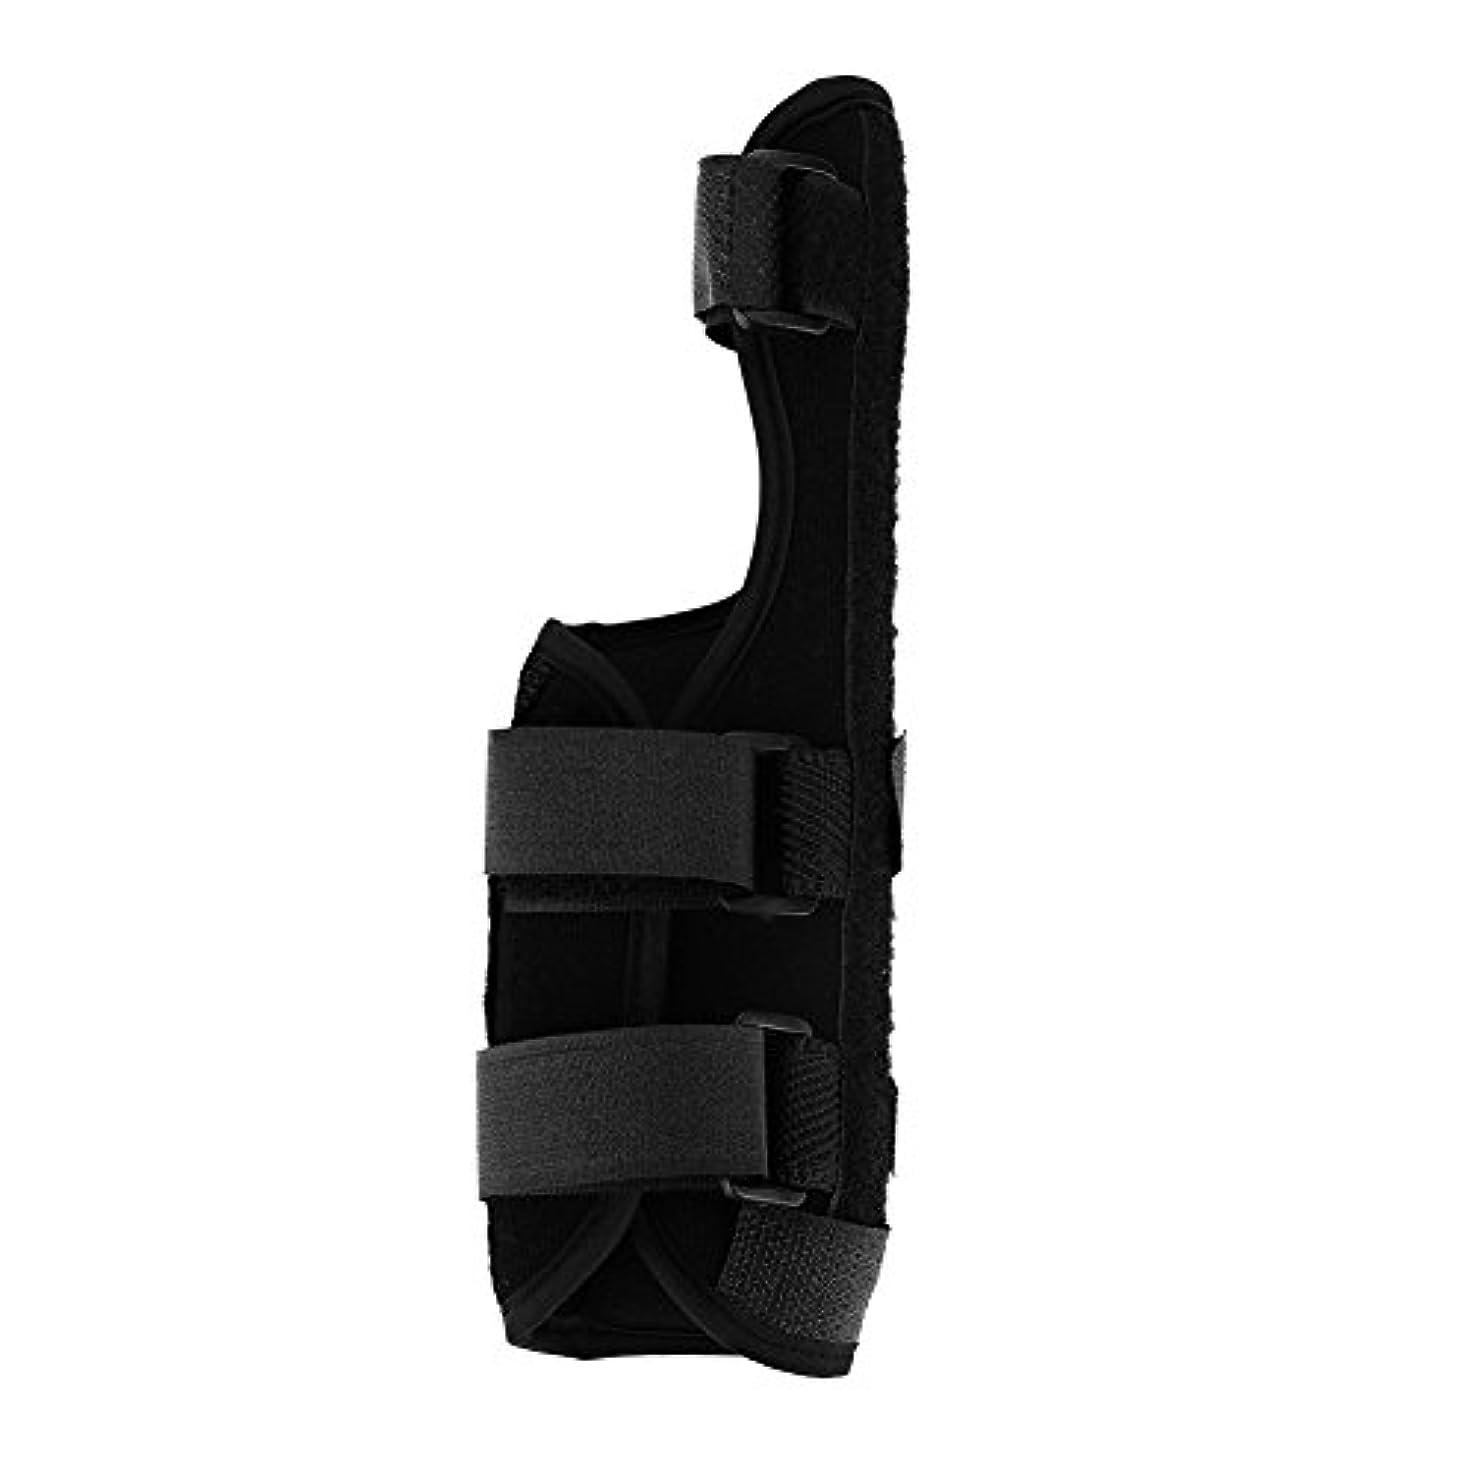 なので電気アクティビティ高度な手首ブレース - 手根管手首副子。手根管症候群、手首の痛み、捻挫、RSI、関節炎の即時鎮痛に最適(IzquierdaS)